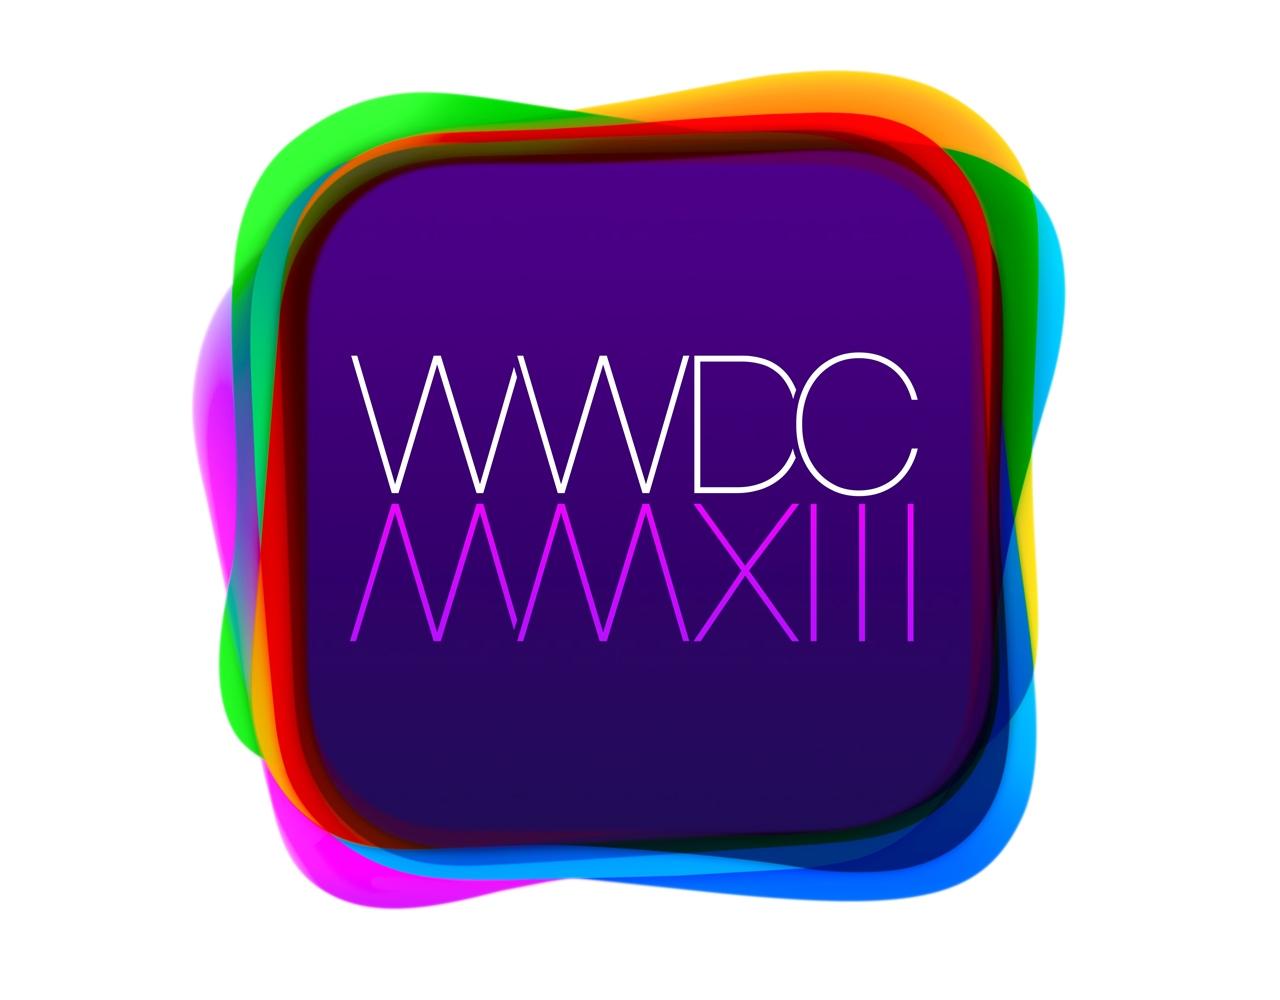 WWDC 2013 Sunumu Canlı Anlatımla Bu Akşam Facebook Sayfamızda